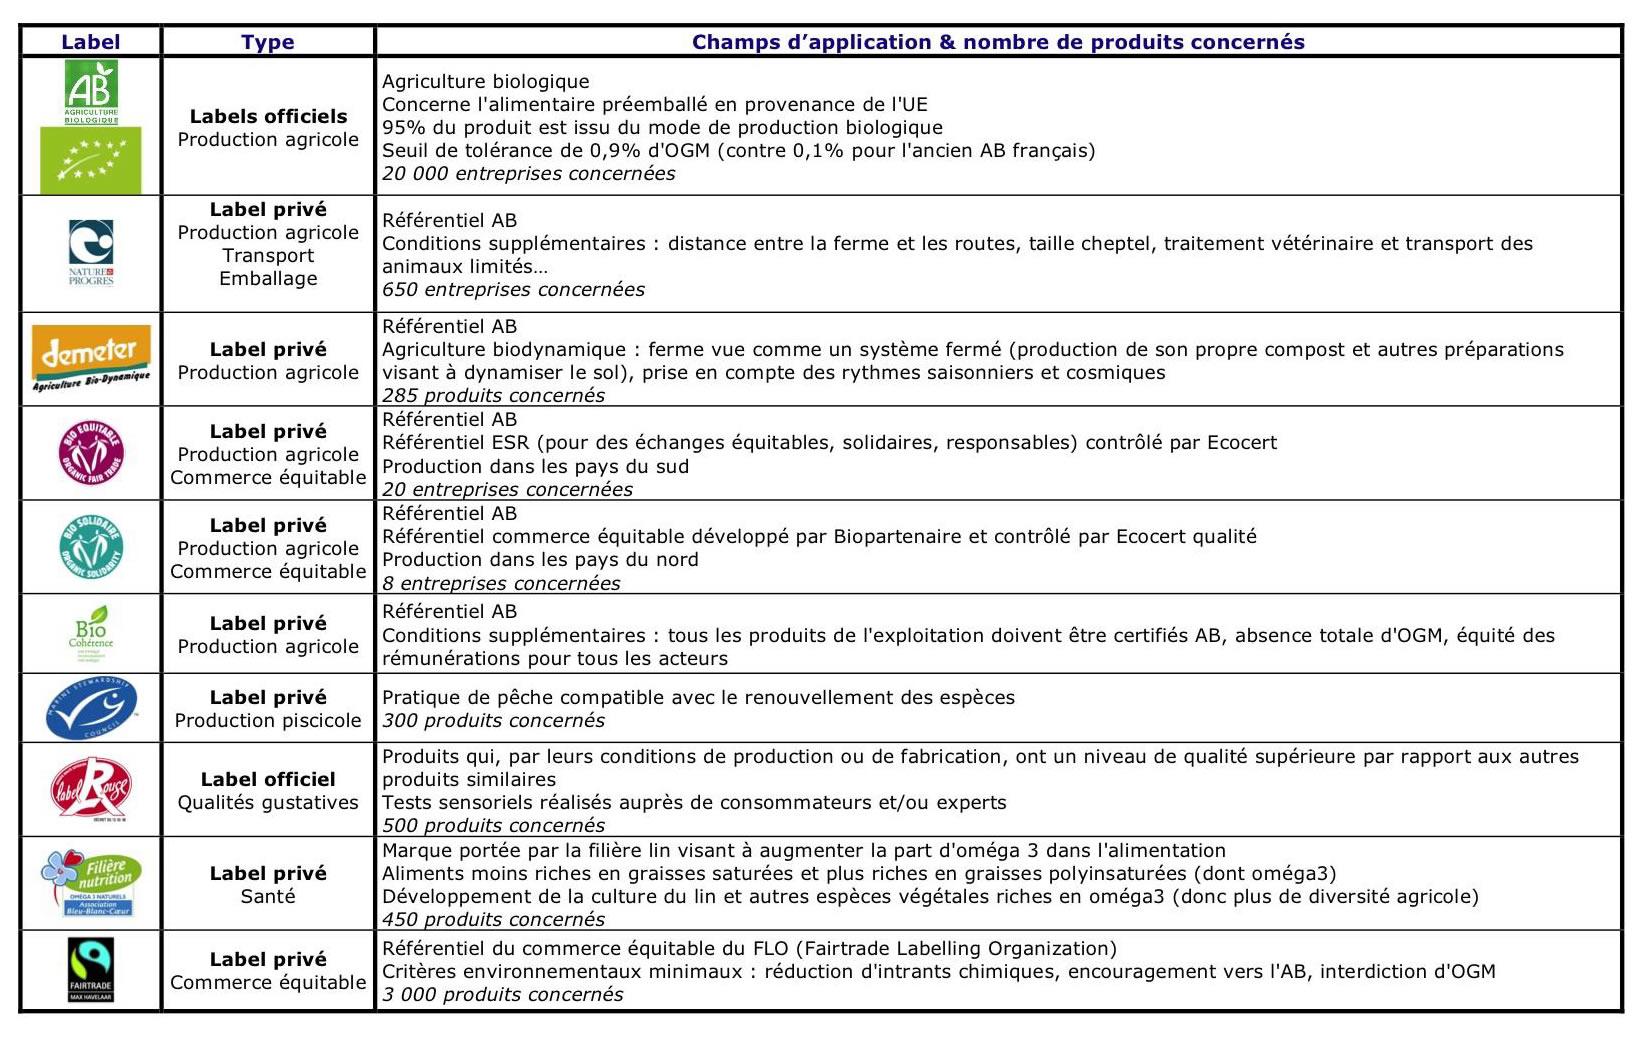 liste des labels de qualite alimentaire bio label rouge peche durable max haavelar carre